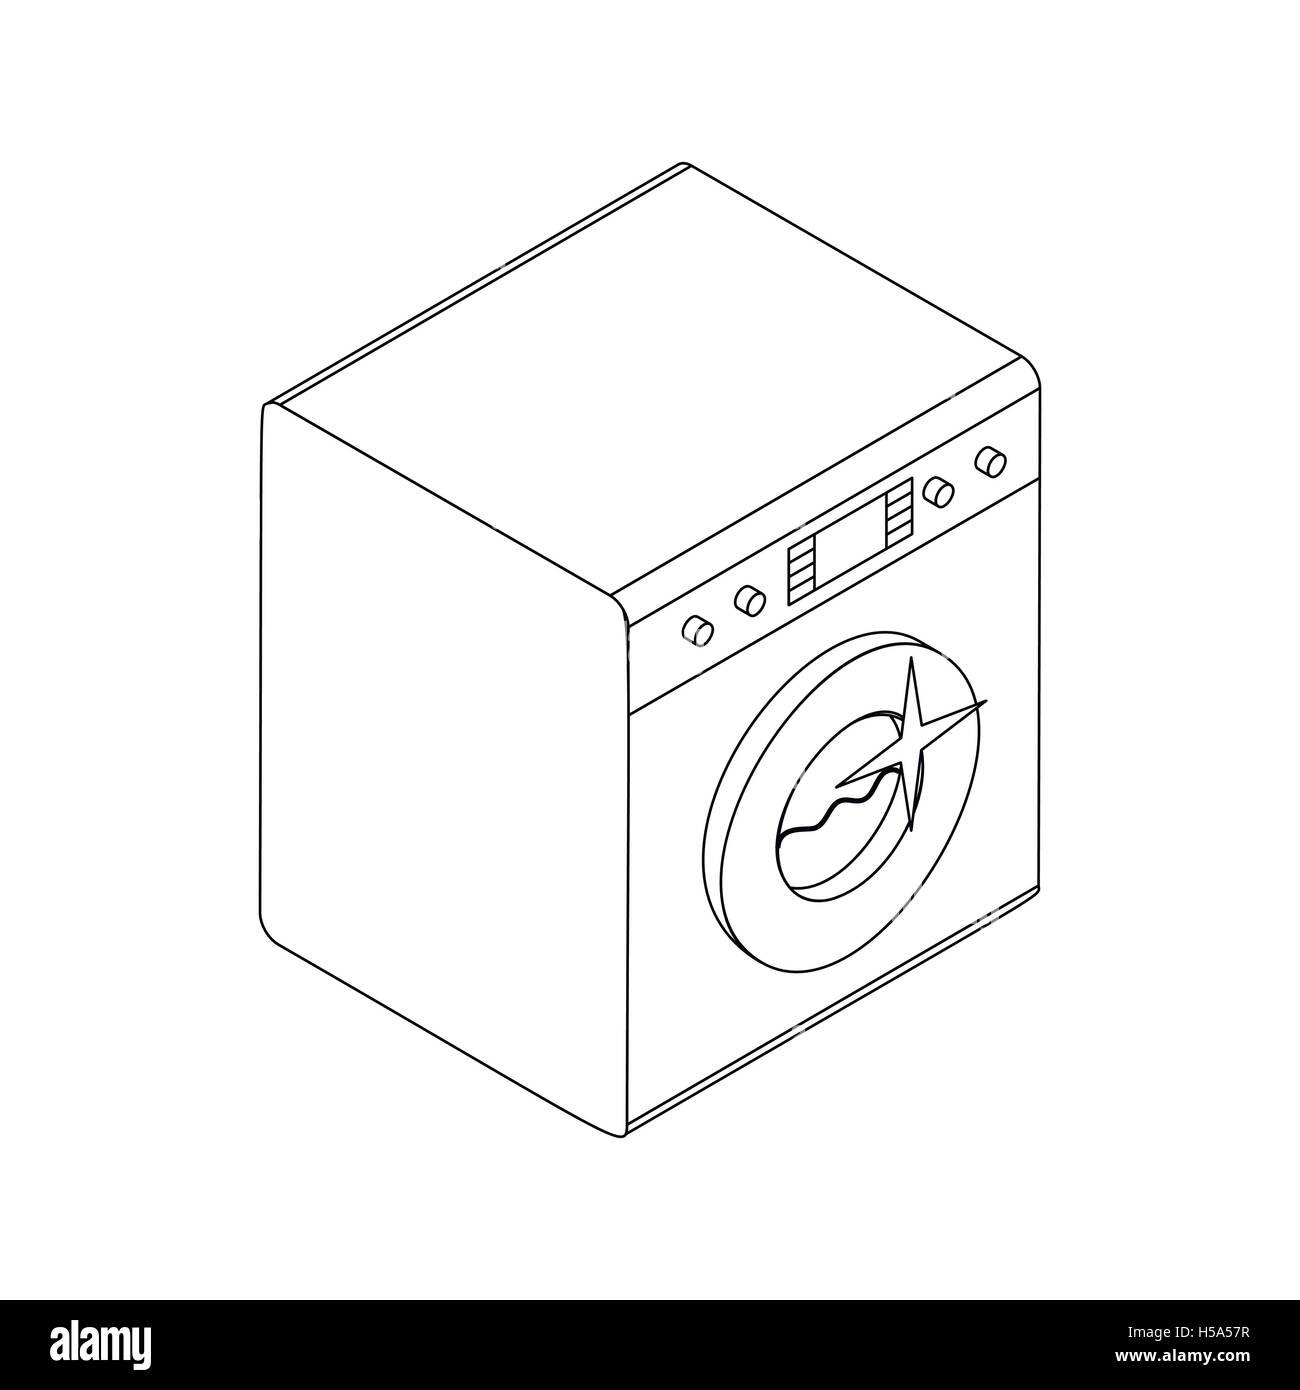 Washing Wringer Stockfotos & Washing Wringer Bilder - Seite 2 - Alamy